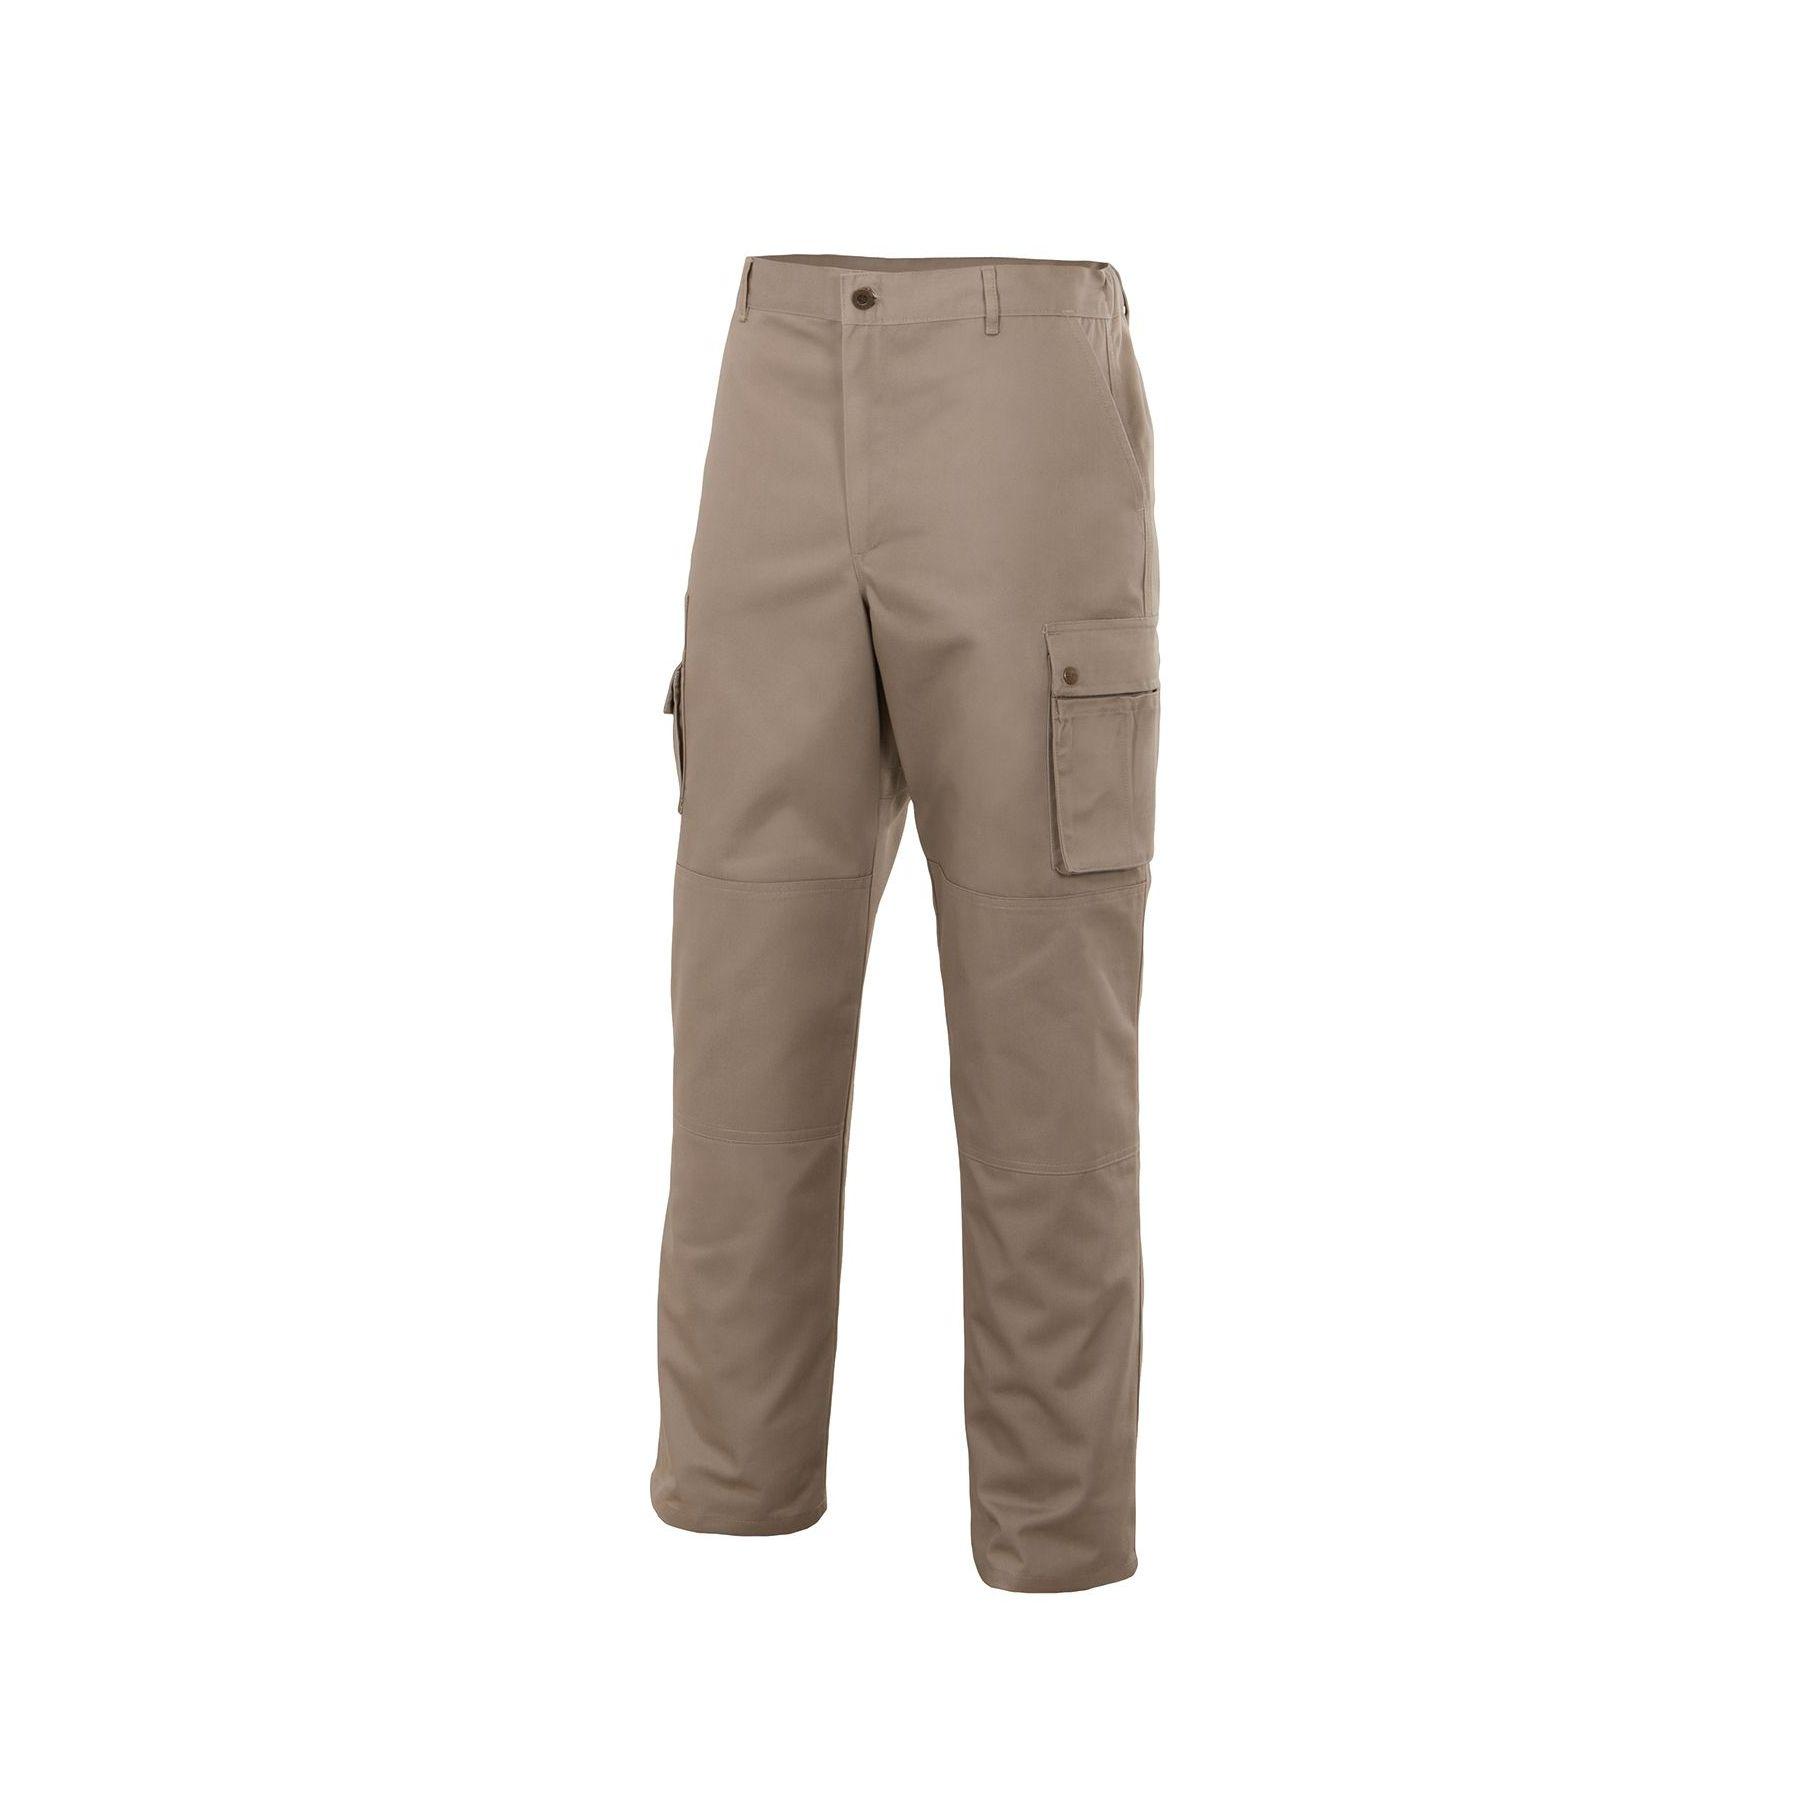 Pantalón multibolsillos NÍQUEL (varias tallas disponibles)